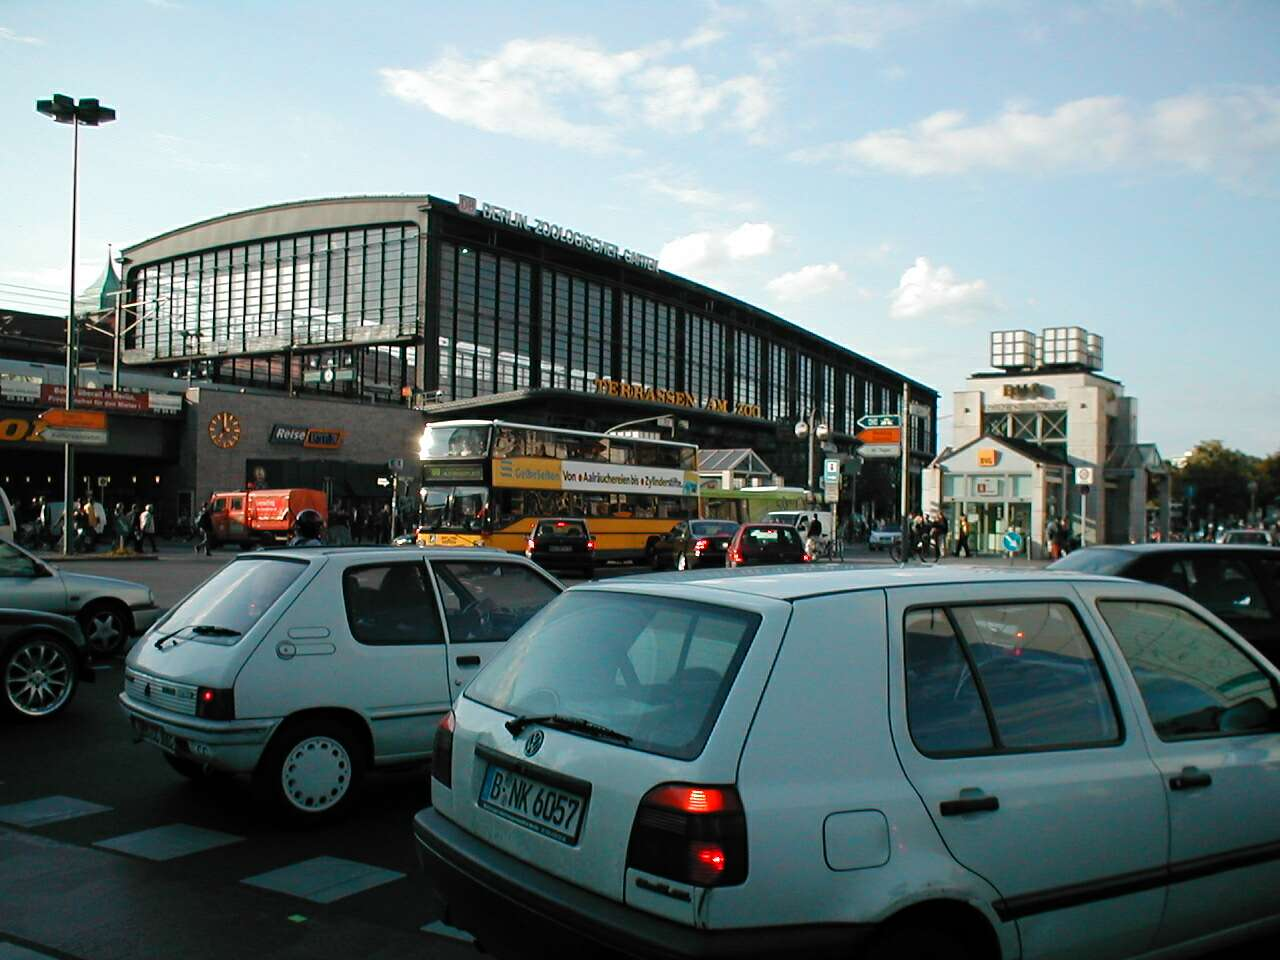 Permalink to Zoologischer Garten Train Station